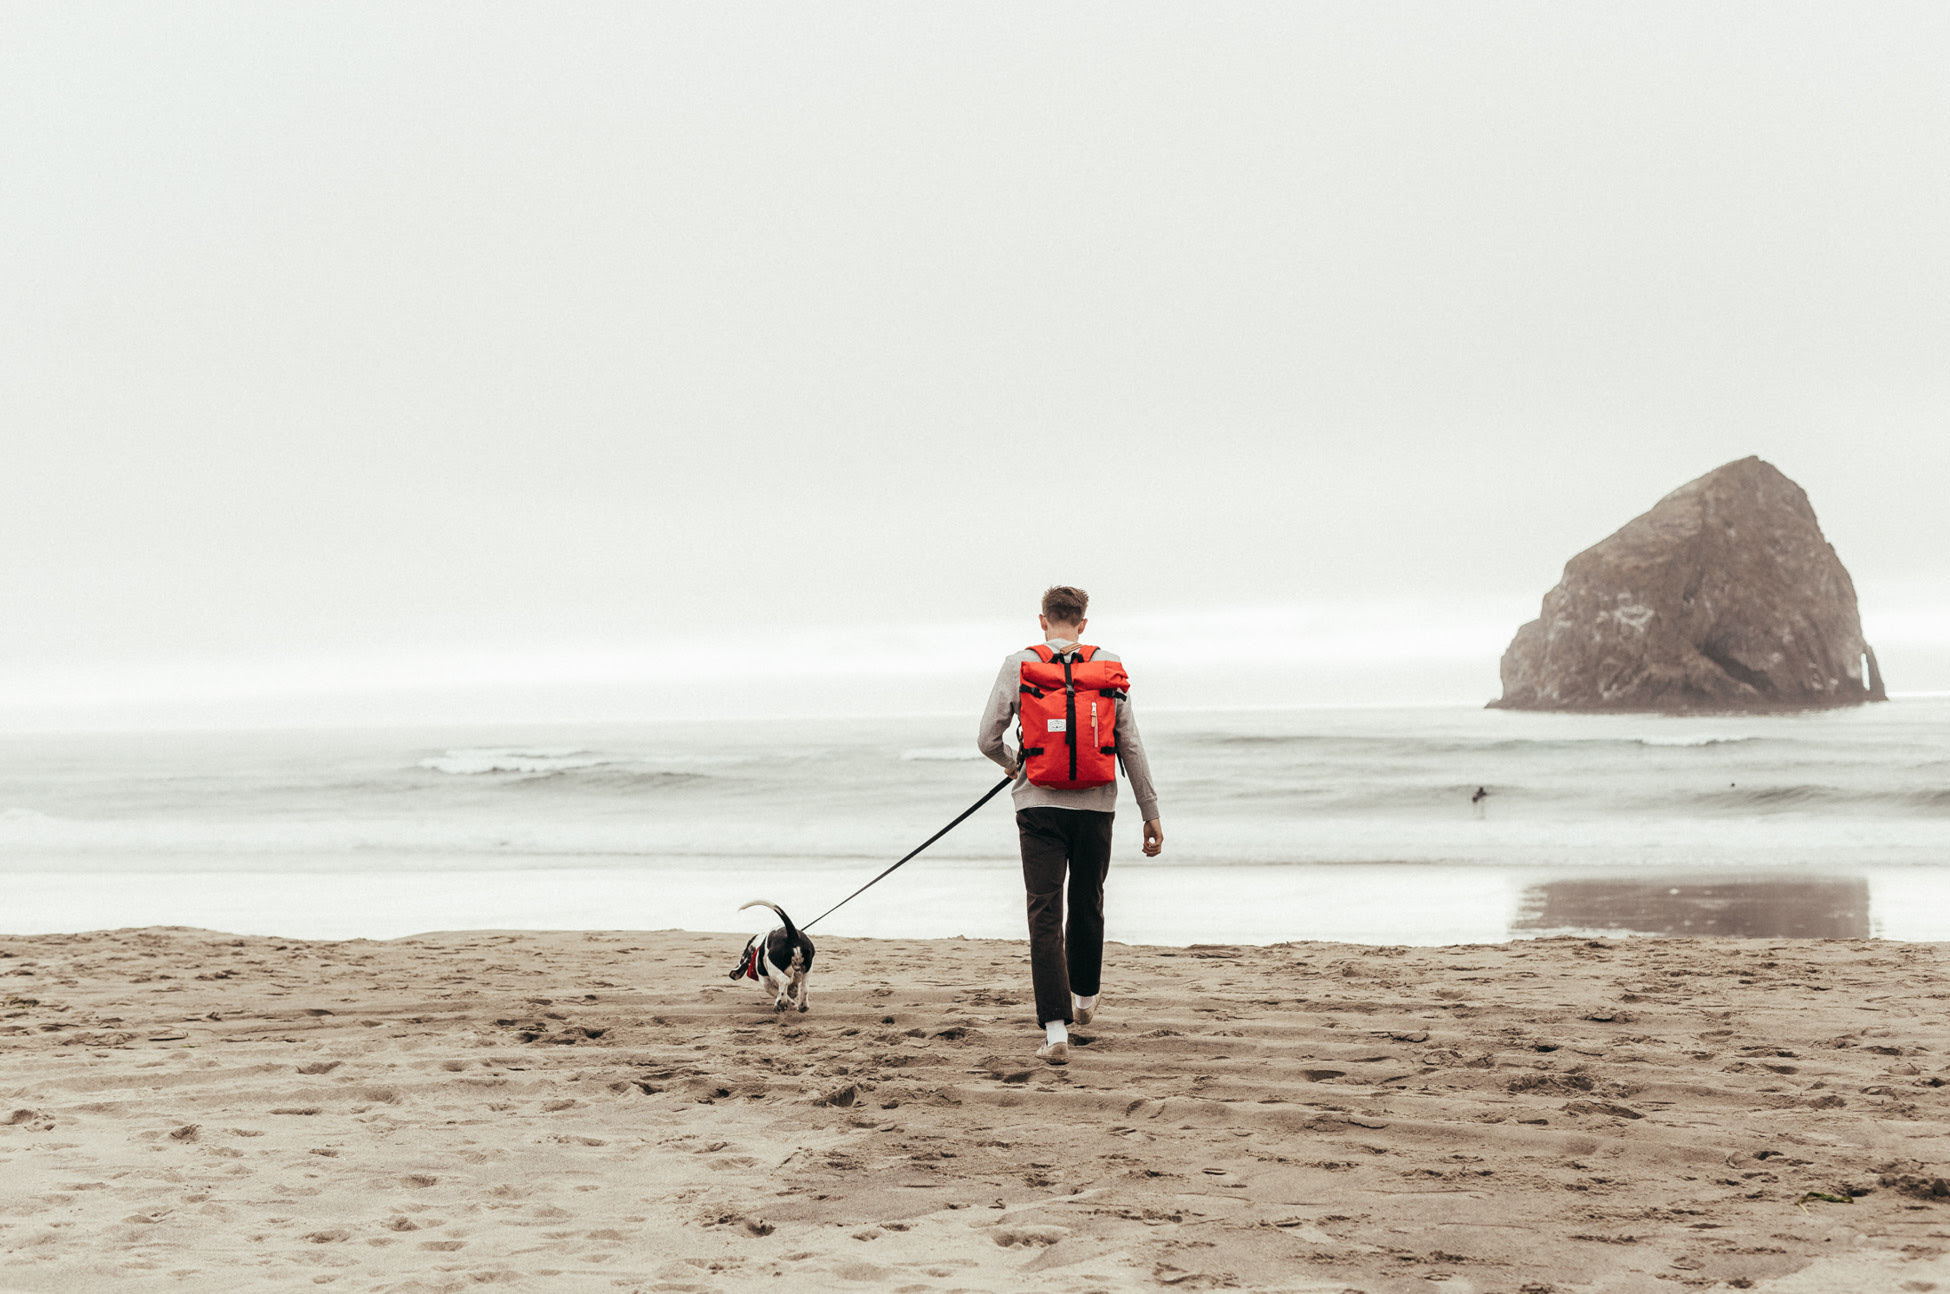 Créate tu propia aventura con las nuevas mochilas de Poler Stuff